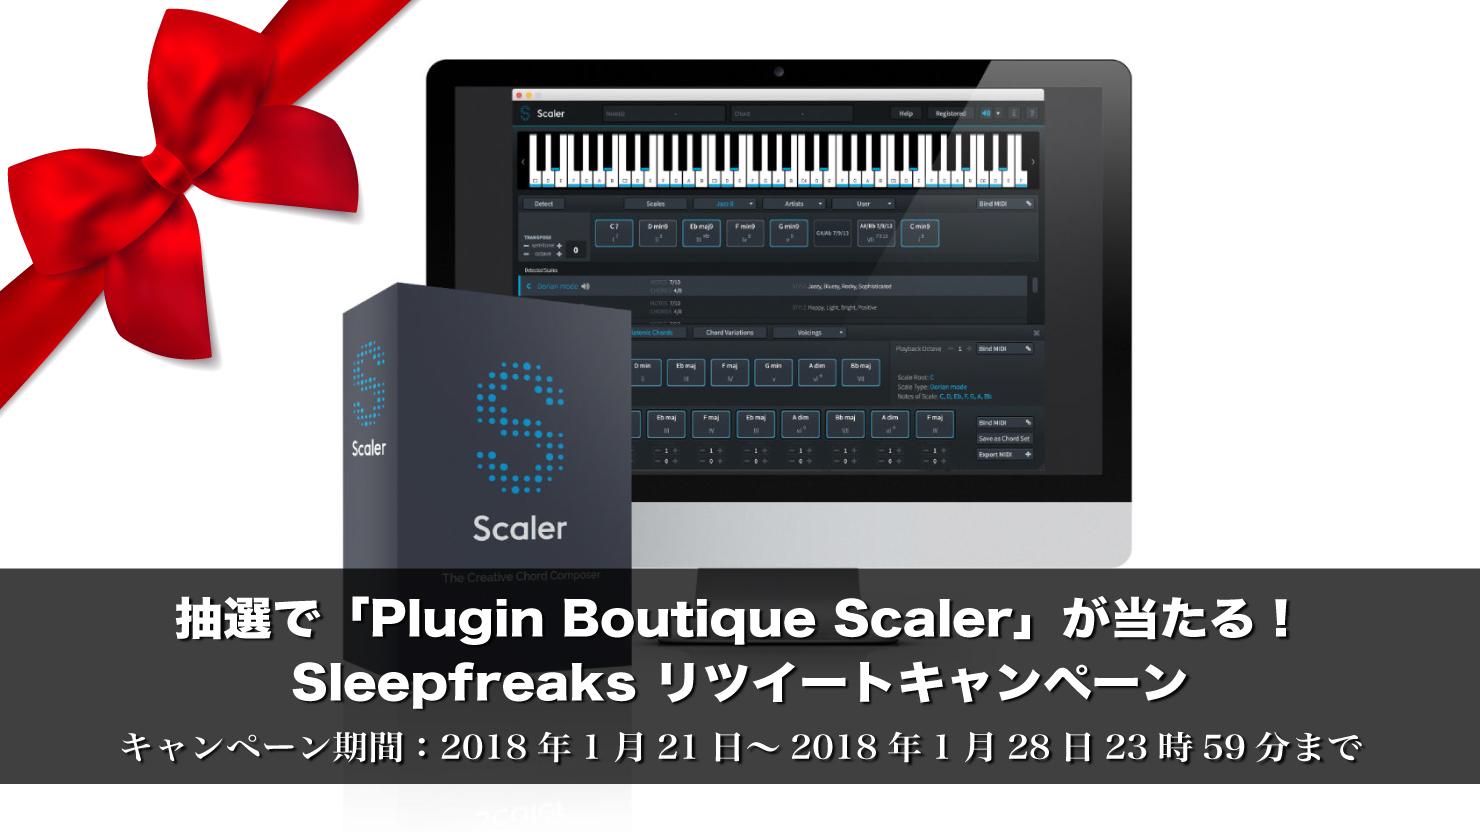 抽選で「Plugin Boutique Scaler」が当たる!【Sleepfreaks リツイートキャンペーン】